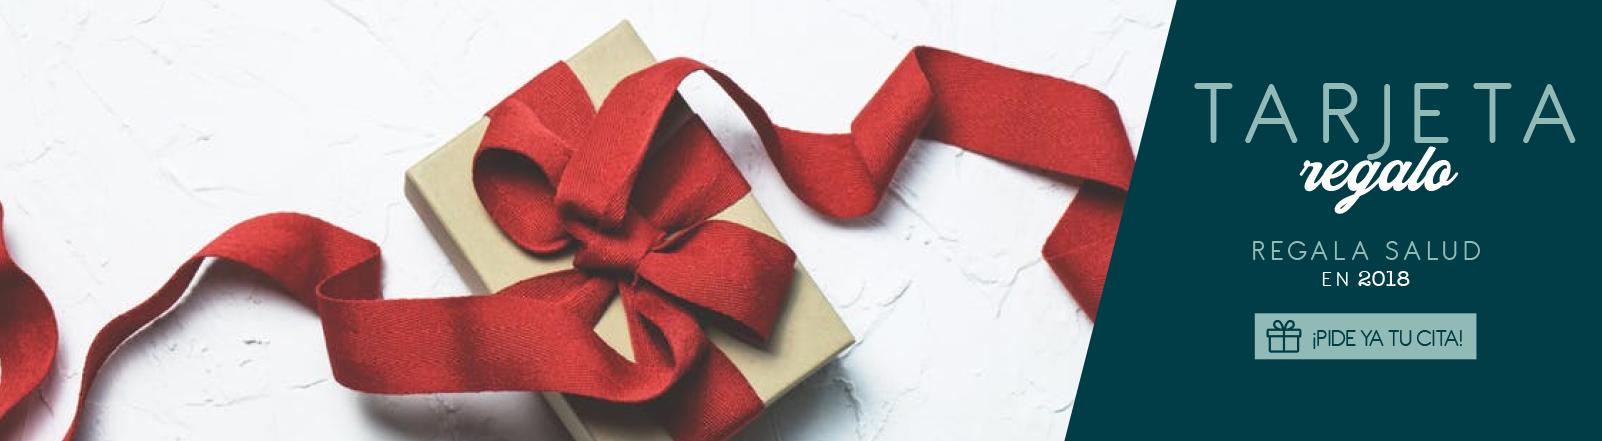 Tarjeta regalo - Regala Salud